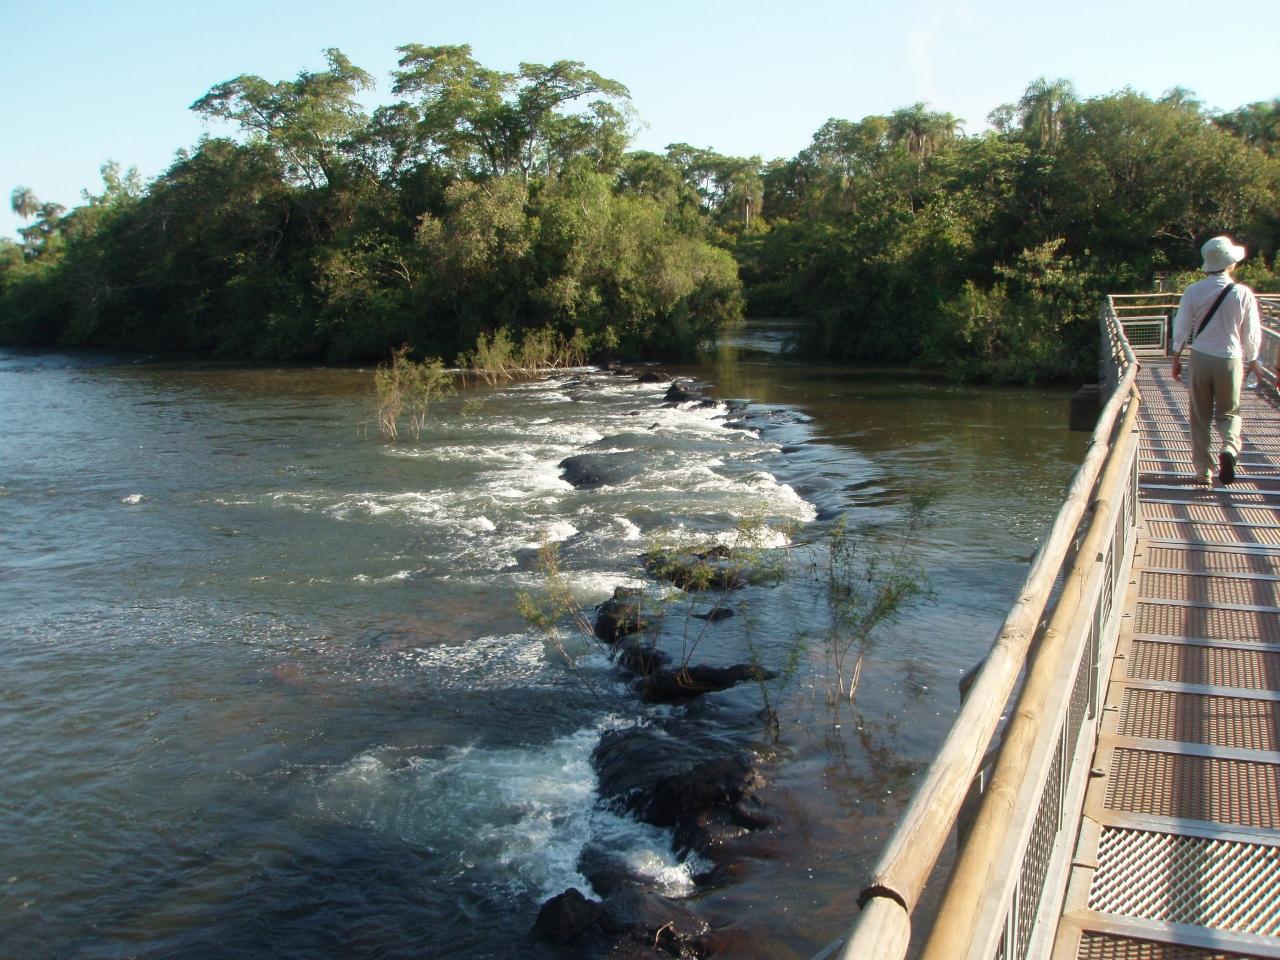 イグアス国立公園 (アルゼンチン)の画像 p1_35